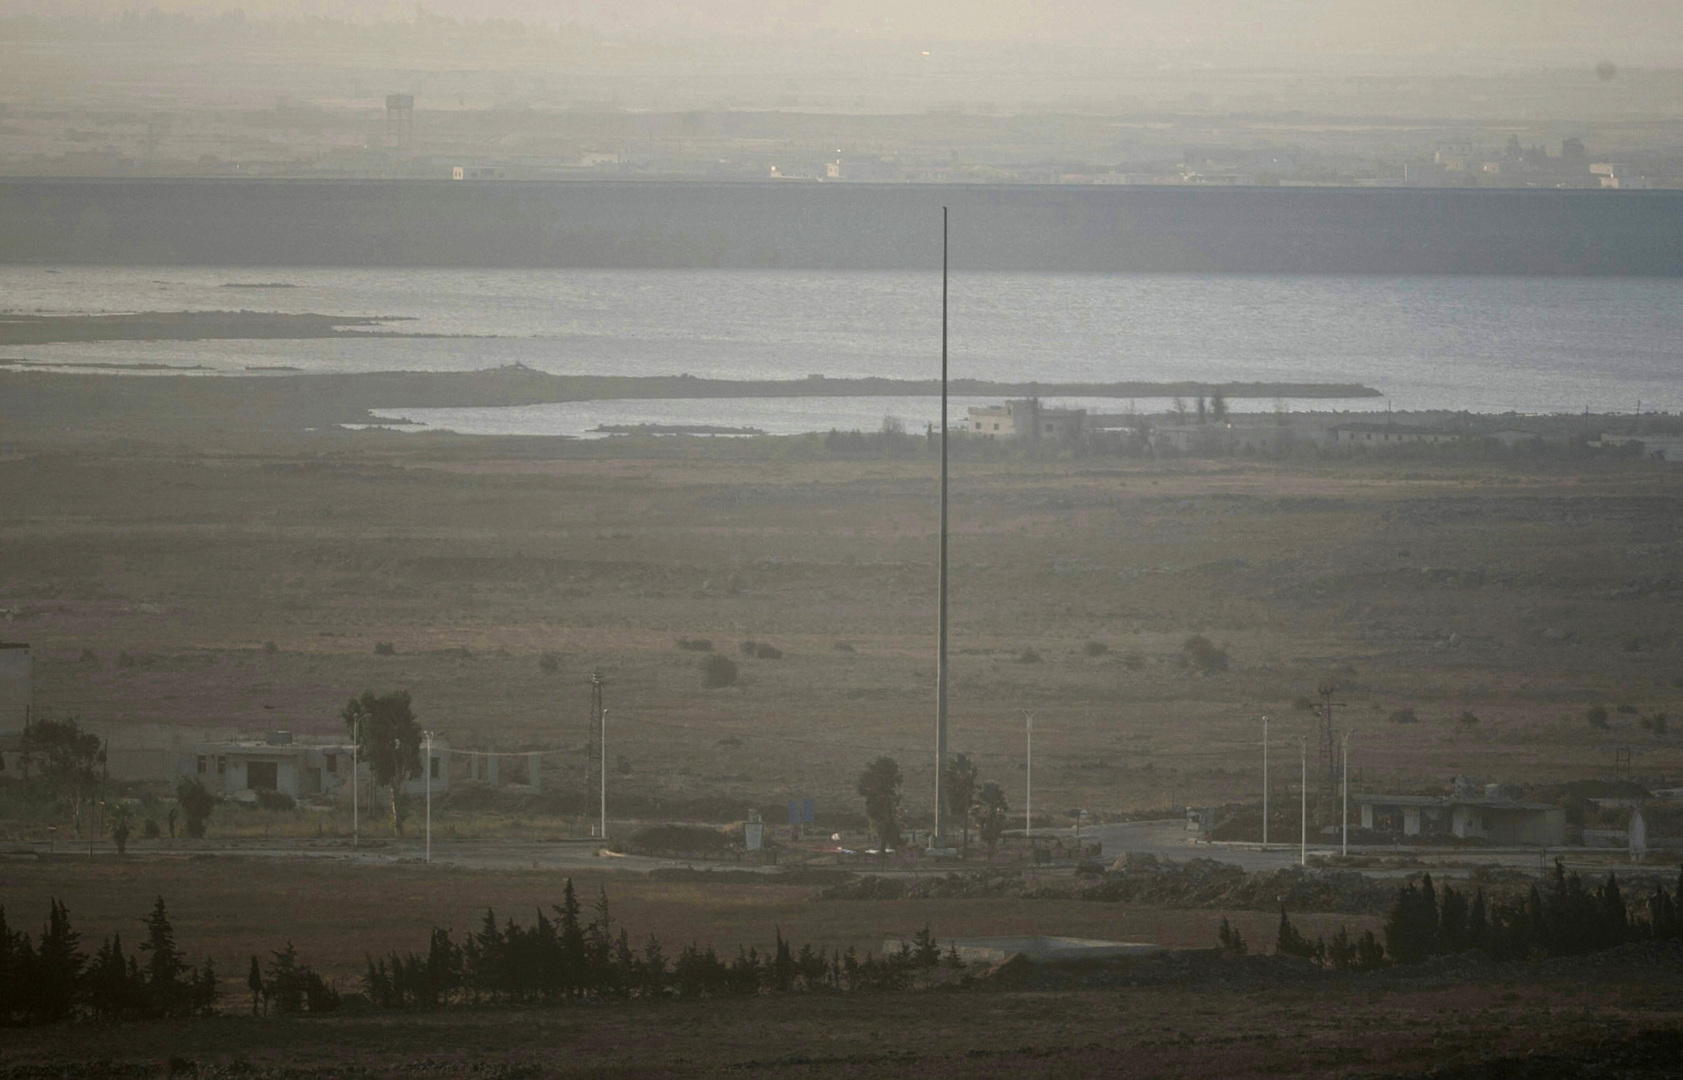 من هو الأسير المحرر السوري الذي قتل بالرصاص الإسرائيلي في القنيطرة؟